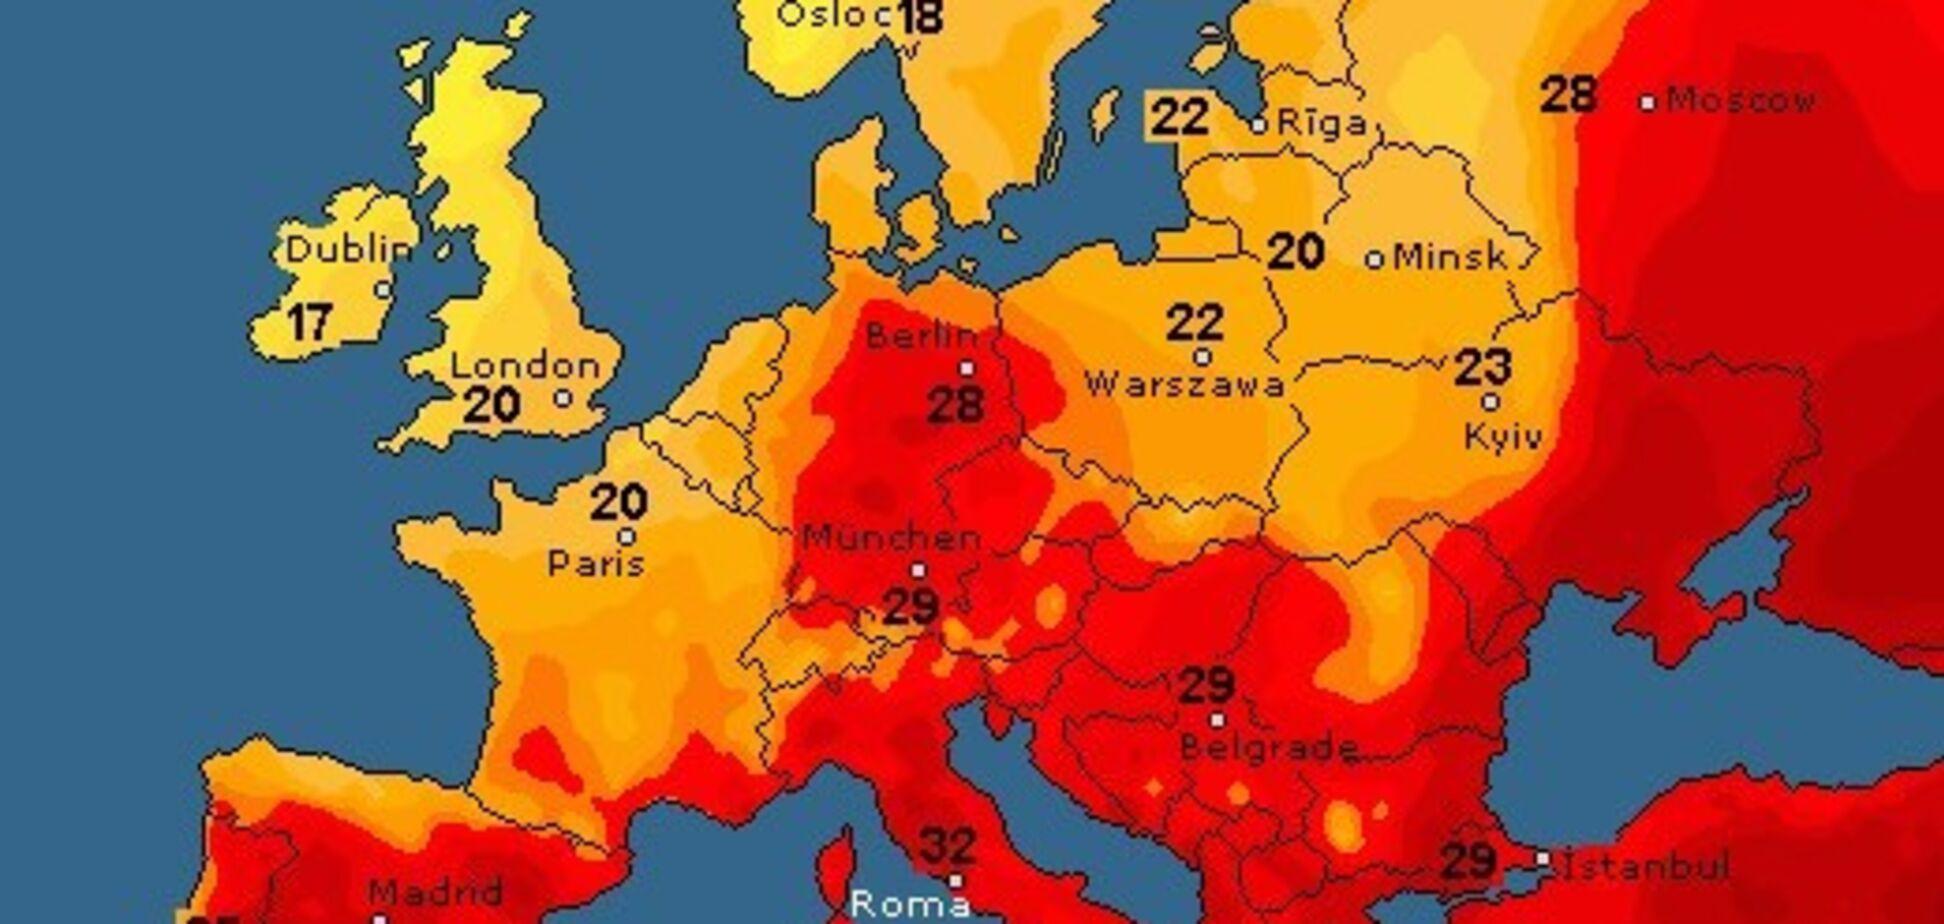 Від спеки до шквалів: синоптик уточнила прогноз погоди по Україні